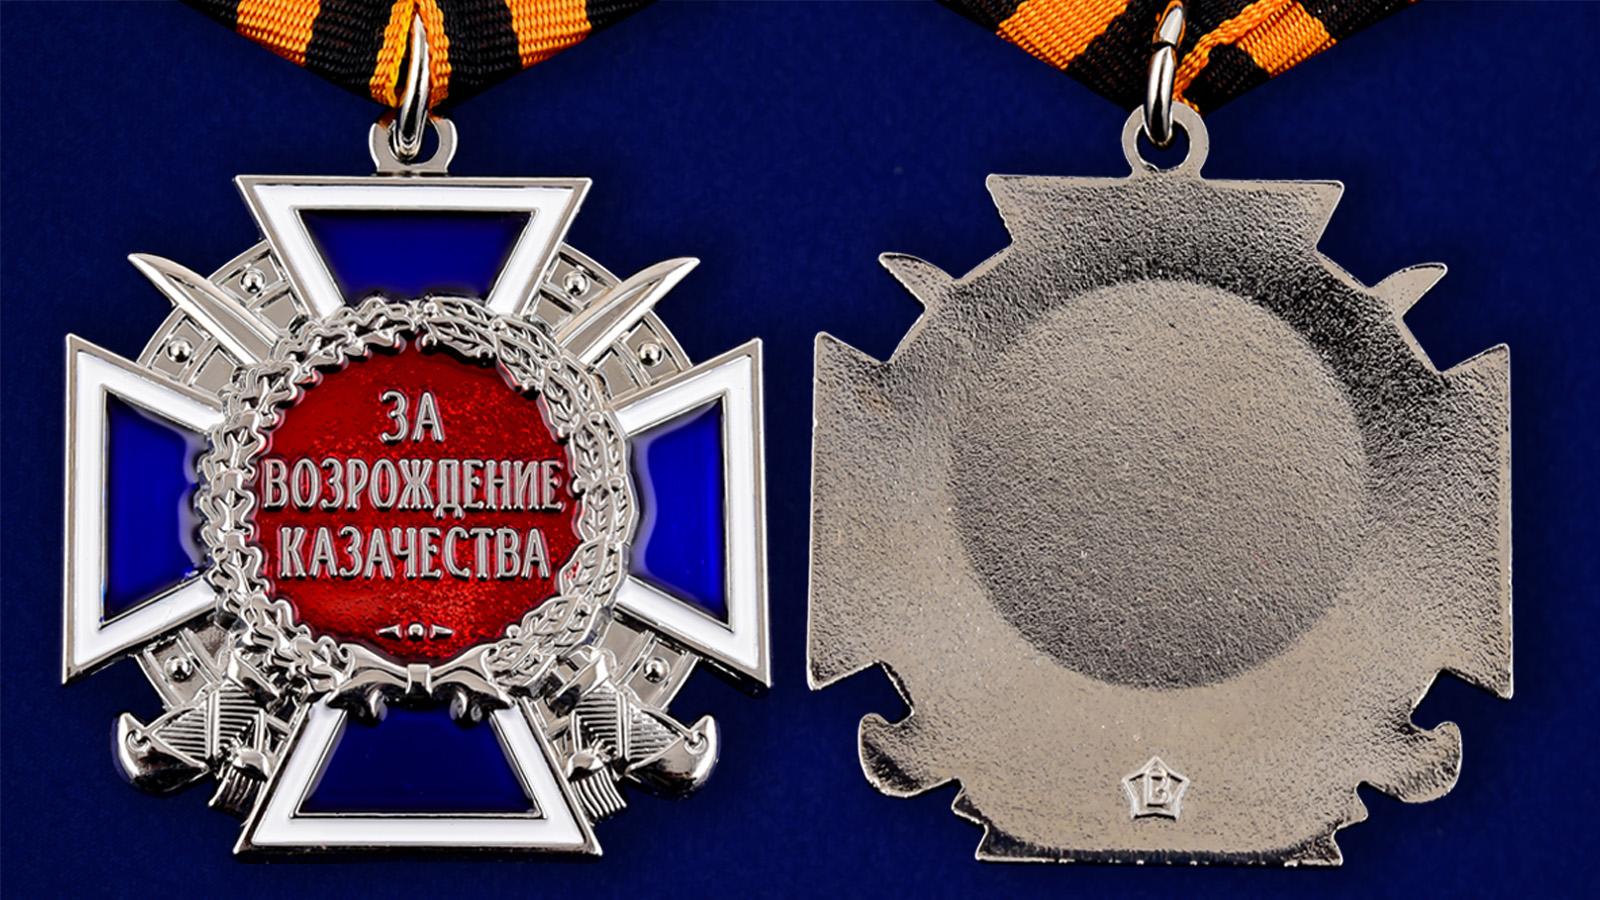 """Наградная медаль """"За возрождение казачества"""" с Георгиевской лентой -аверс и реверс"""